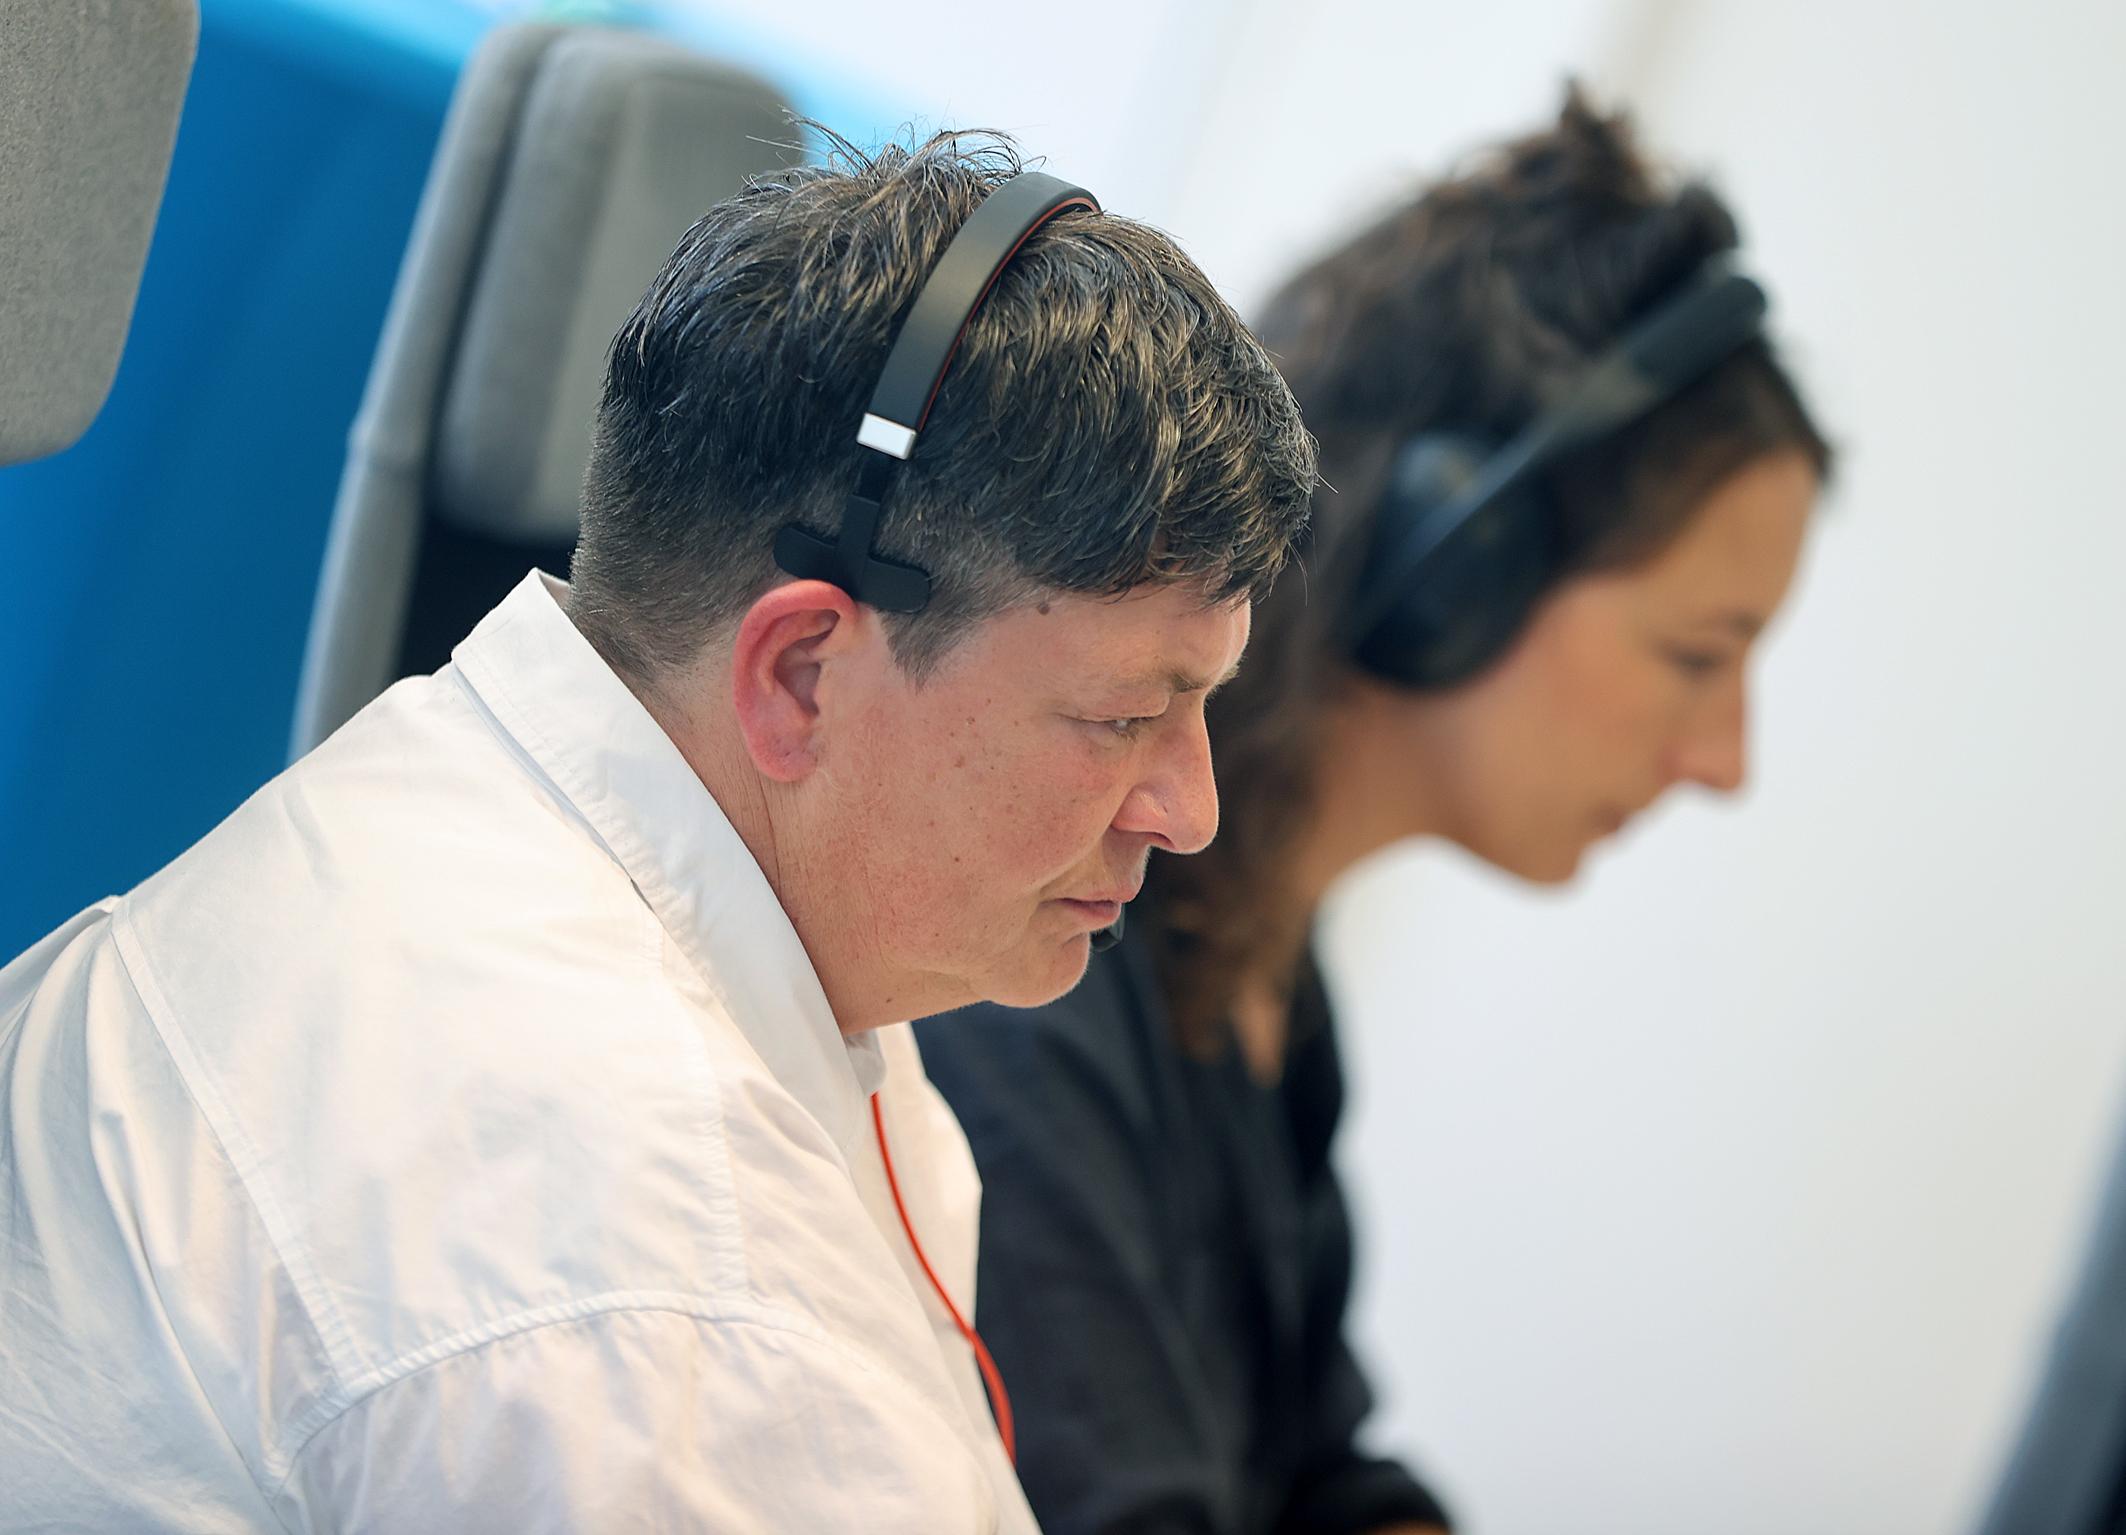 31.08.2021 Digitale Pressekonferenz Roswitha Bocklage und Celestine Hassenfratz